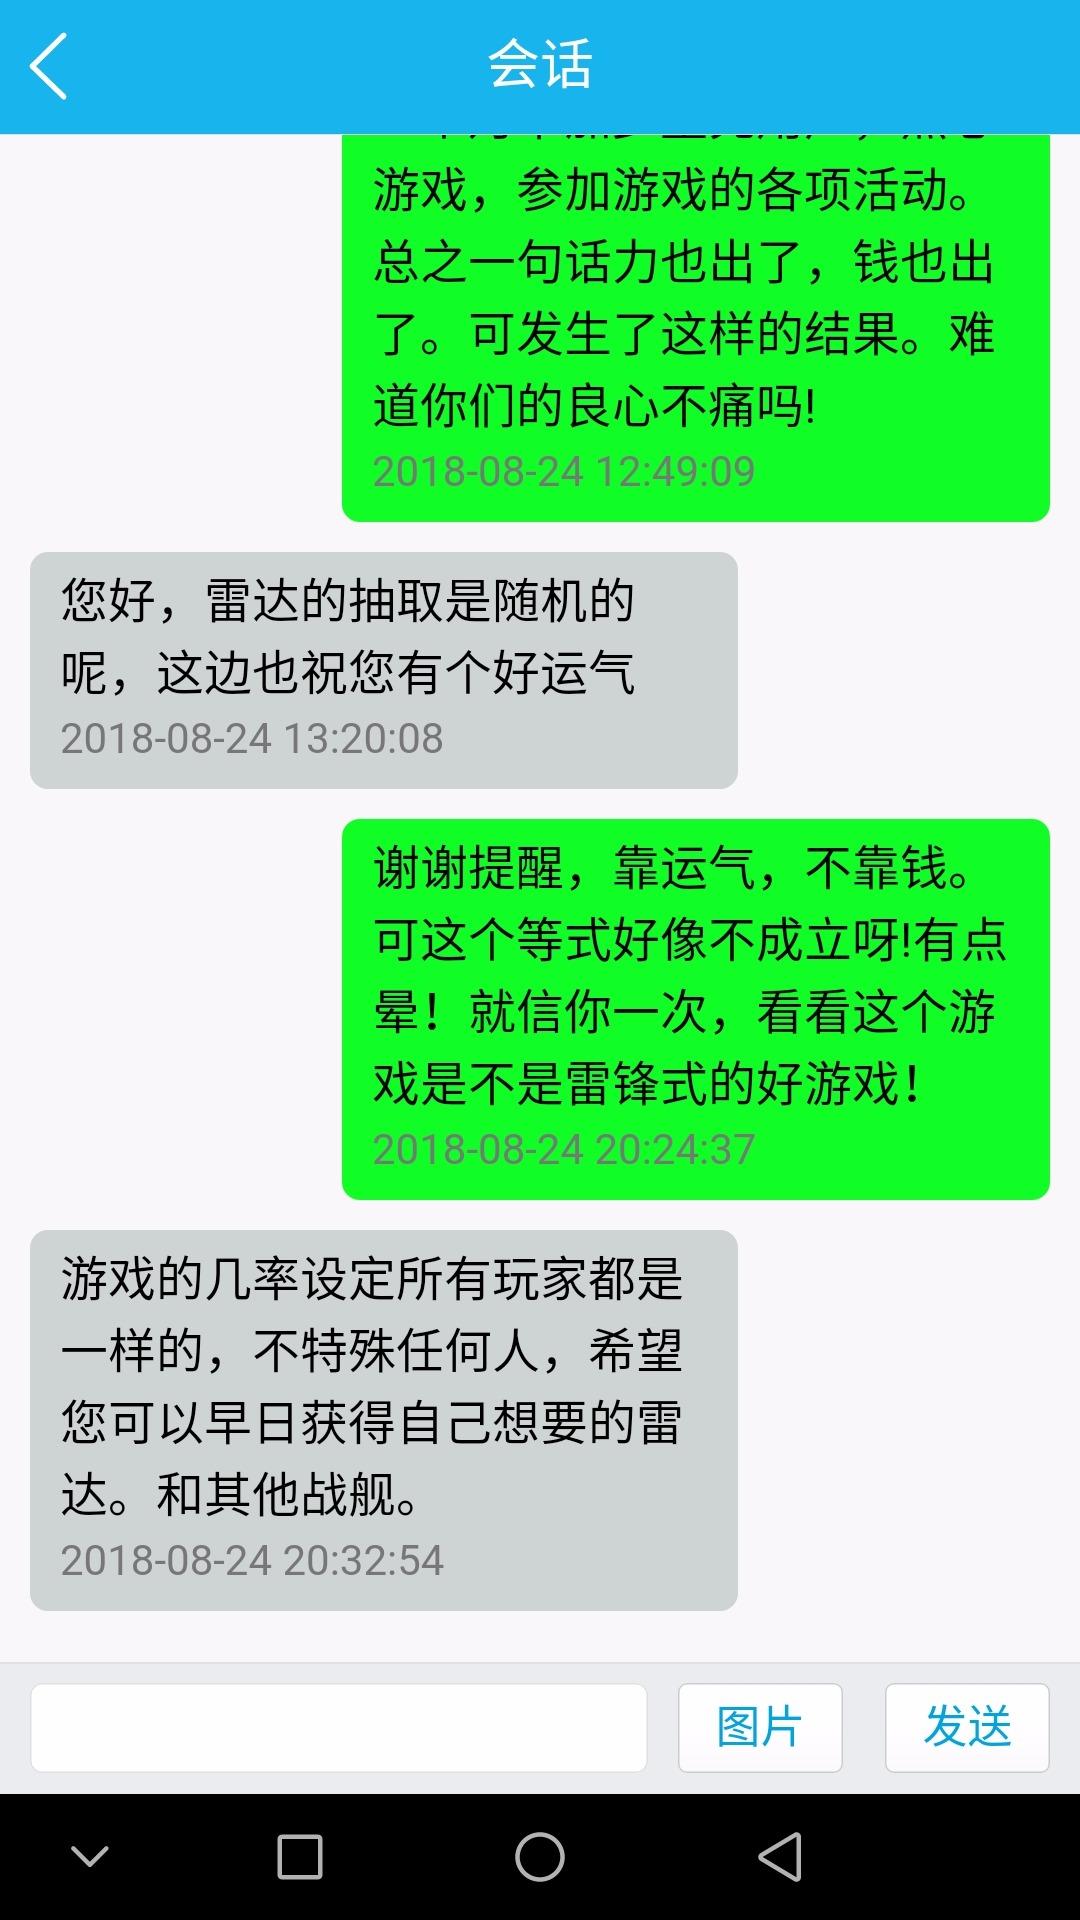 Screenshot_20180824-205639.jpg